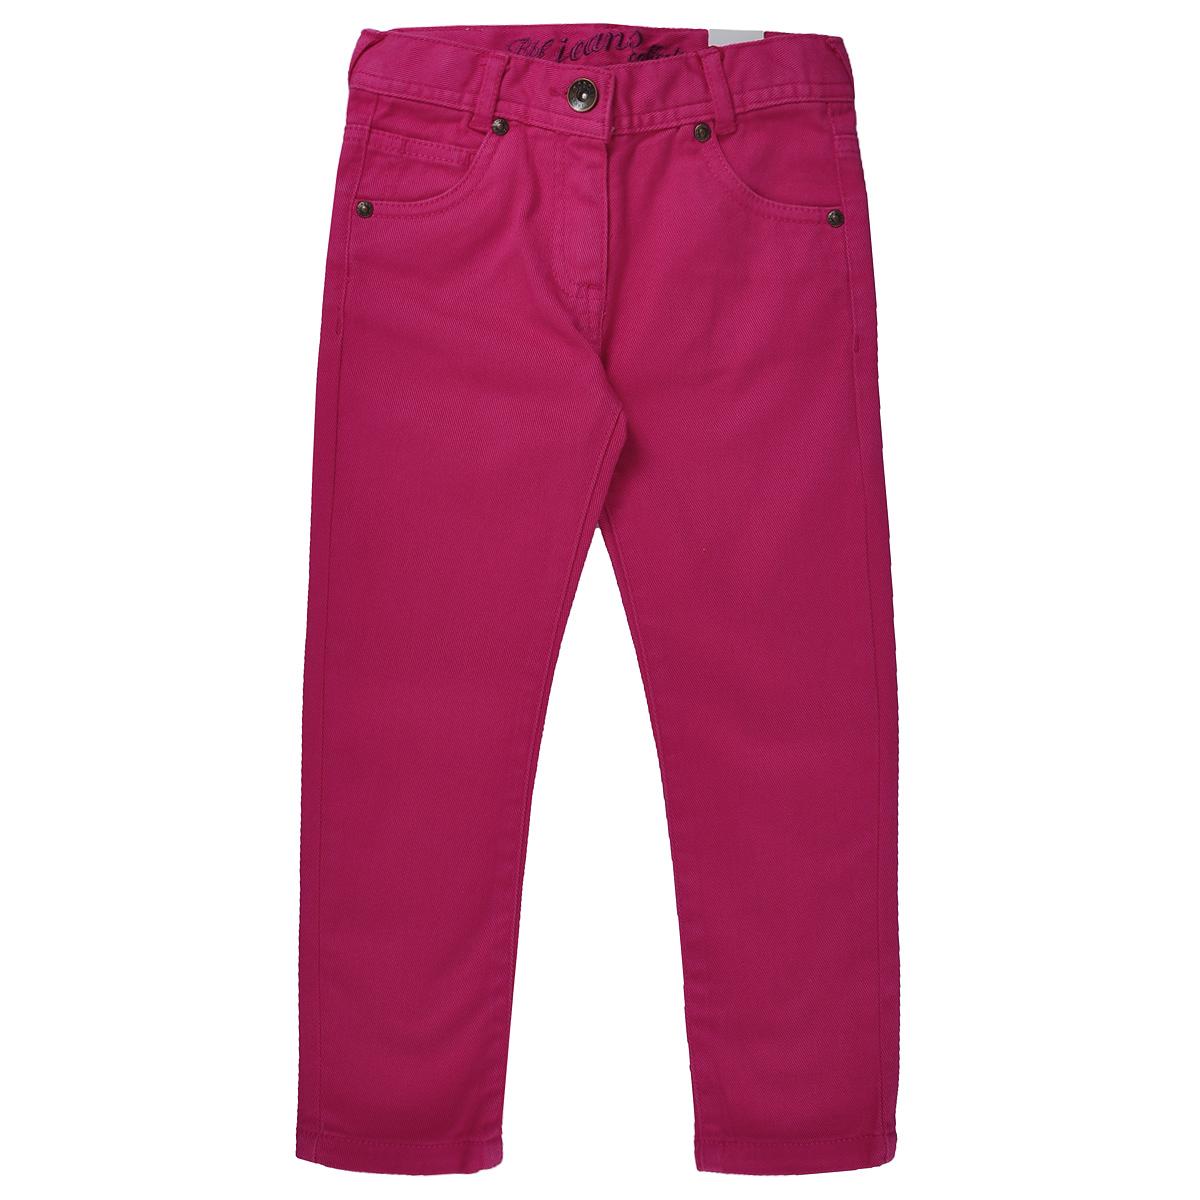 Брюки для девочки Boboli, цвет: коралловый. 496021. Размер 8л, 128 см496021Стильные и яркие брюки для девочки Boboli идеально подойдут вашей маленькой принцессе для отдыха и прогулок. Изготовленные из эластичного хлопка, они необычайно мягкие и приятные на ощупь, не сковывают движения малышки и позволяют коже дышать, не раздражают даже самую нежную и чувствительную кожу ребенка, обеспечивая ему наибольший комфорт. Брюки чуть зауженного кроя на талии застегиваются на металлическую пуговицу и имеют ширинку на застежке-молнии, имеются шлевки для ремня. С внутренней стороны пояс регулируется резинкой на пуговицах. Модель имеет классический пятикарманный крой: спереди - два втачных кармашка и один маленький накладной, а сзади - два накладных кармана. Оригинальный современный дизайн и модная расцветка делают эти брюки модным и стильным предметом детского гардероба. В них ваша малышка всегда будет в центре внимания!